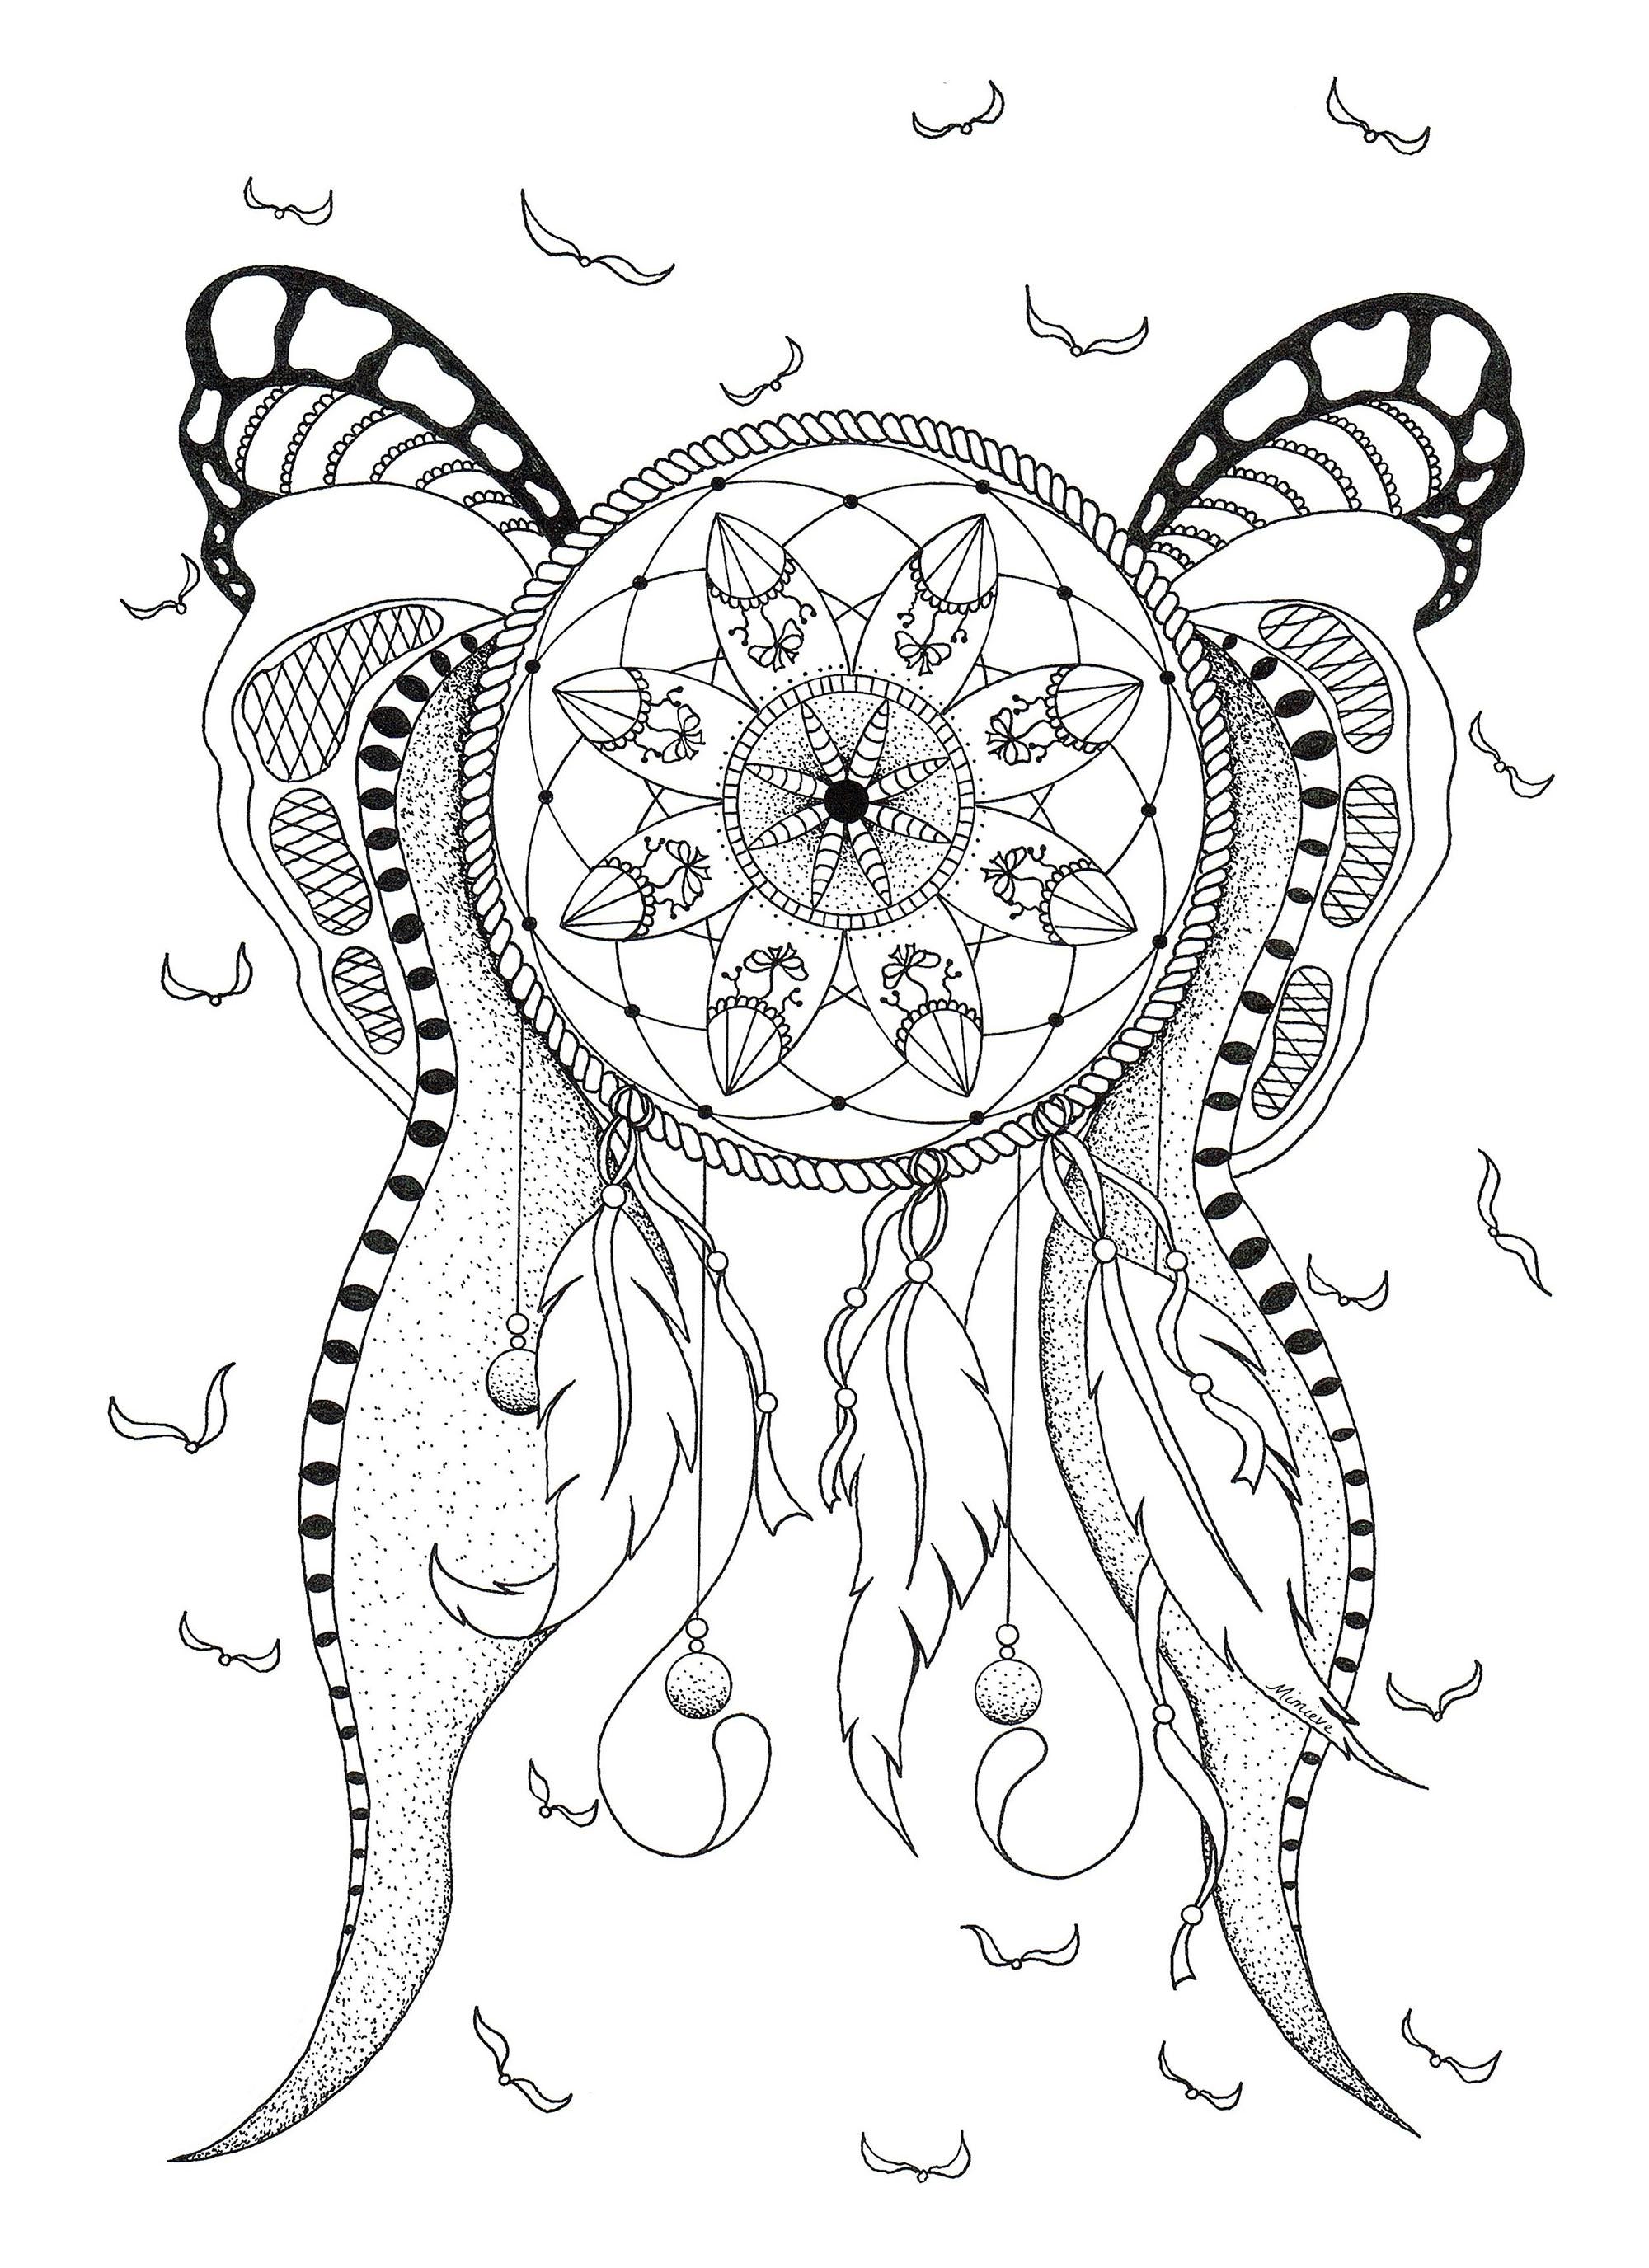 Disegni da colorare per adulti : Cacciatore di sogni - 1